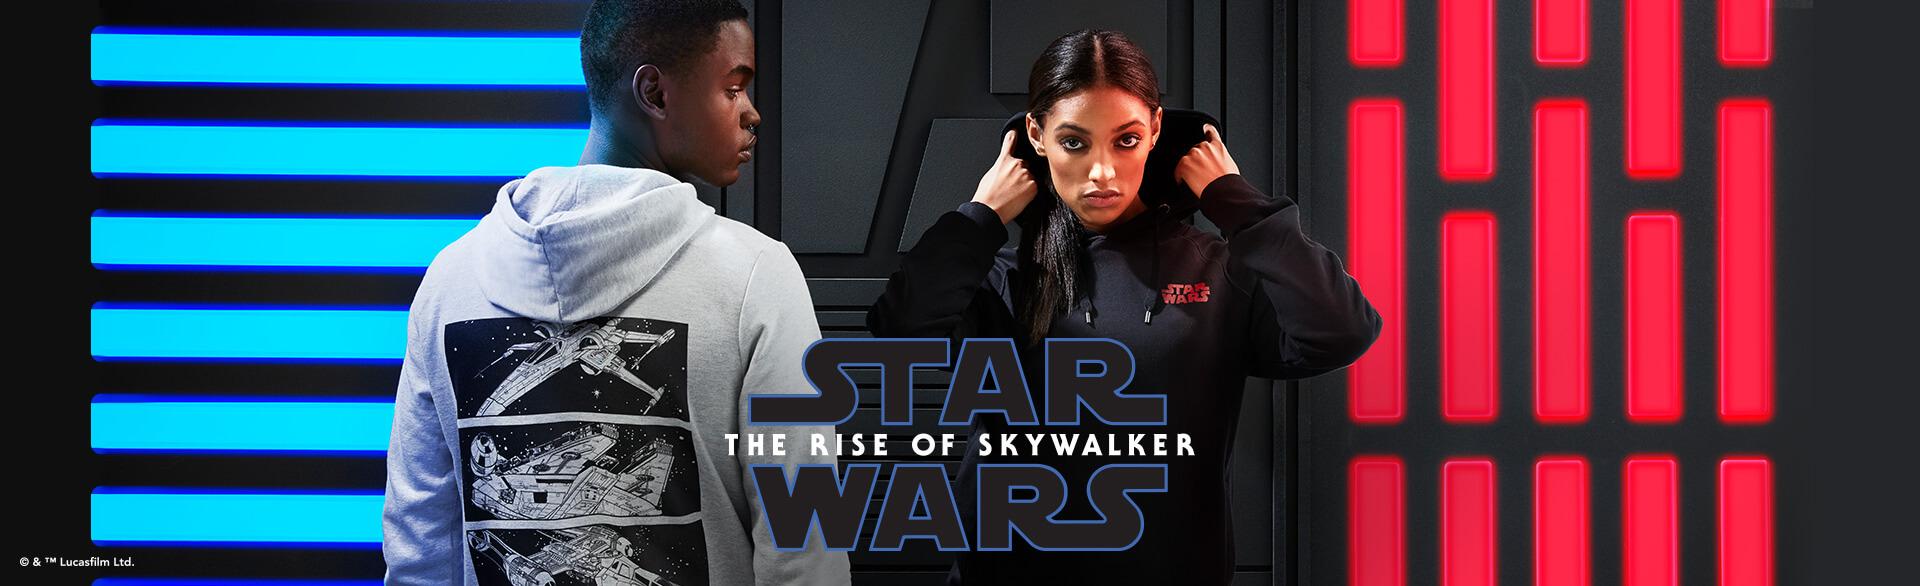 Colección The Rise of Skywalker